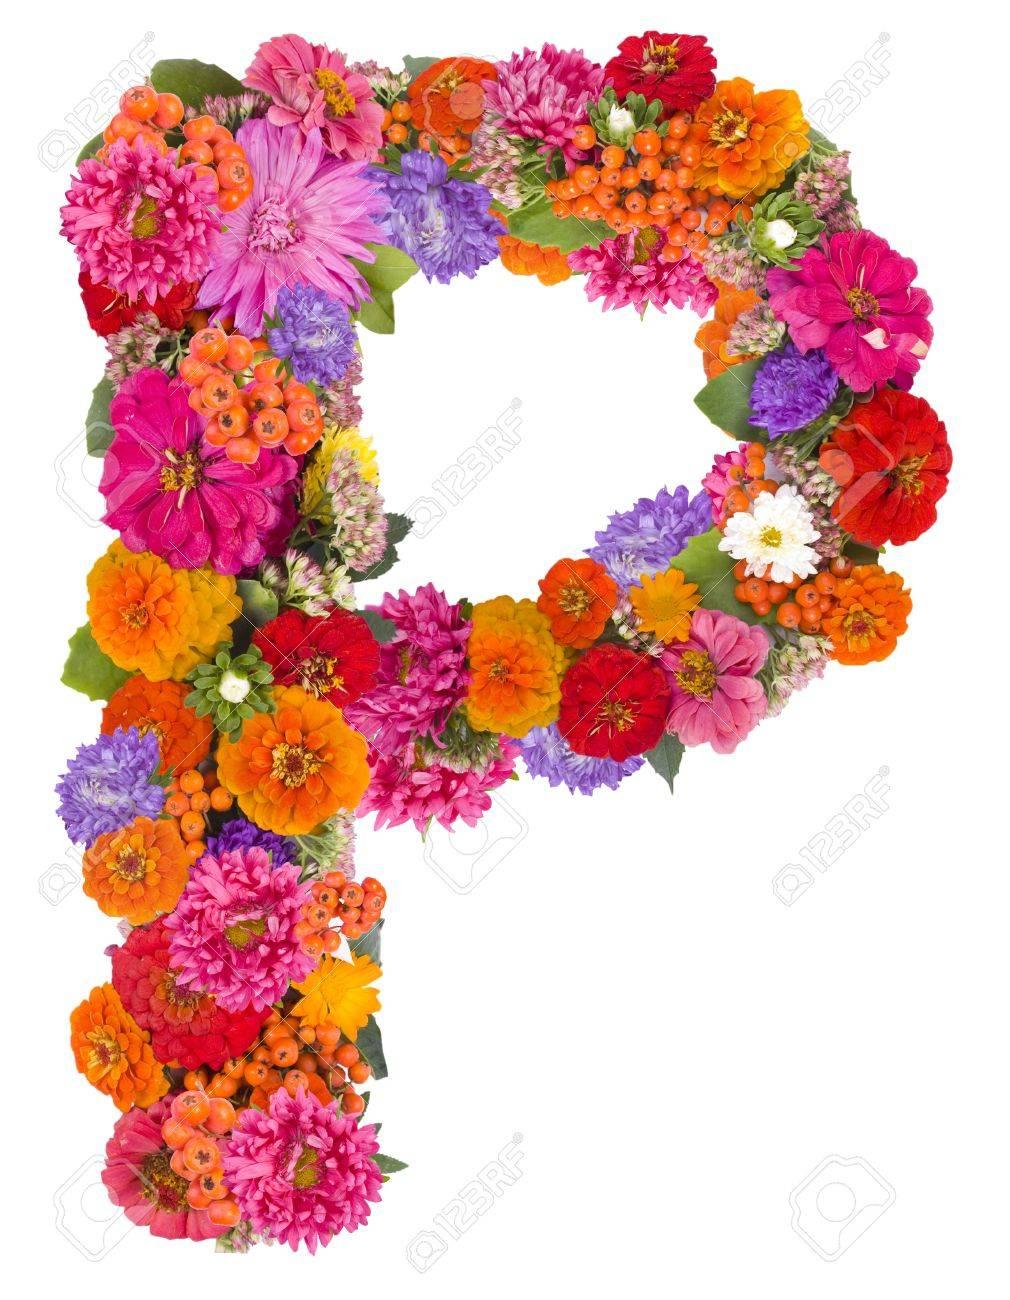 Топиарии с цветами своими руками пошаговая инструкция